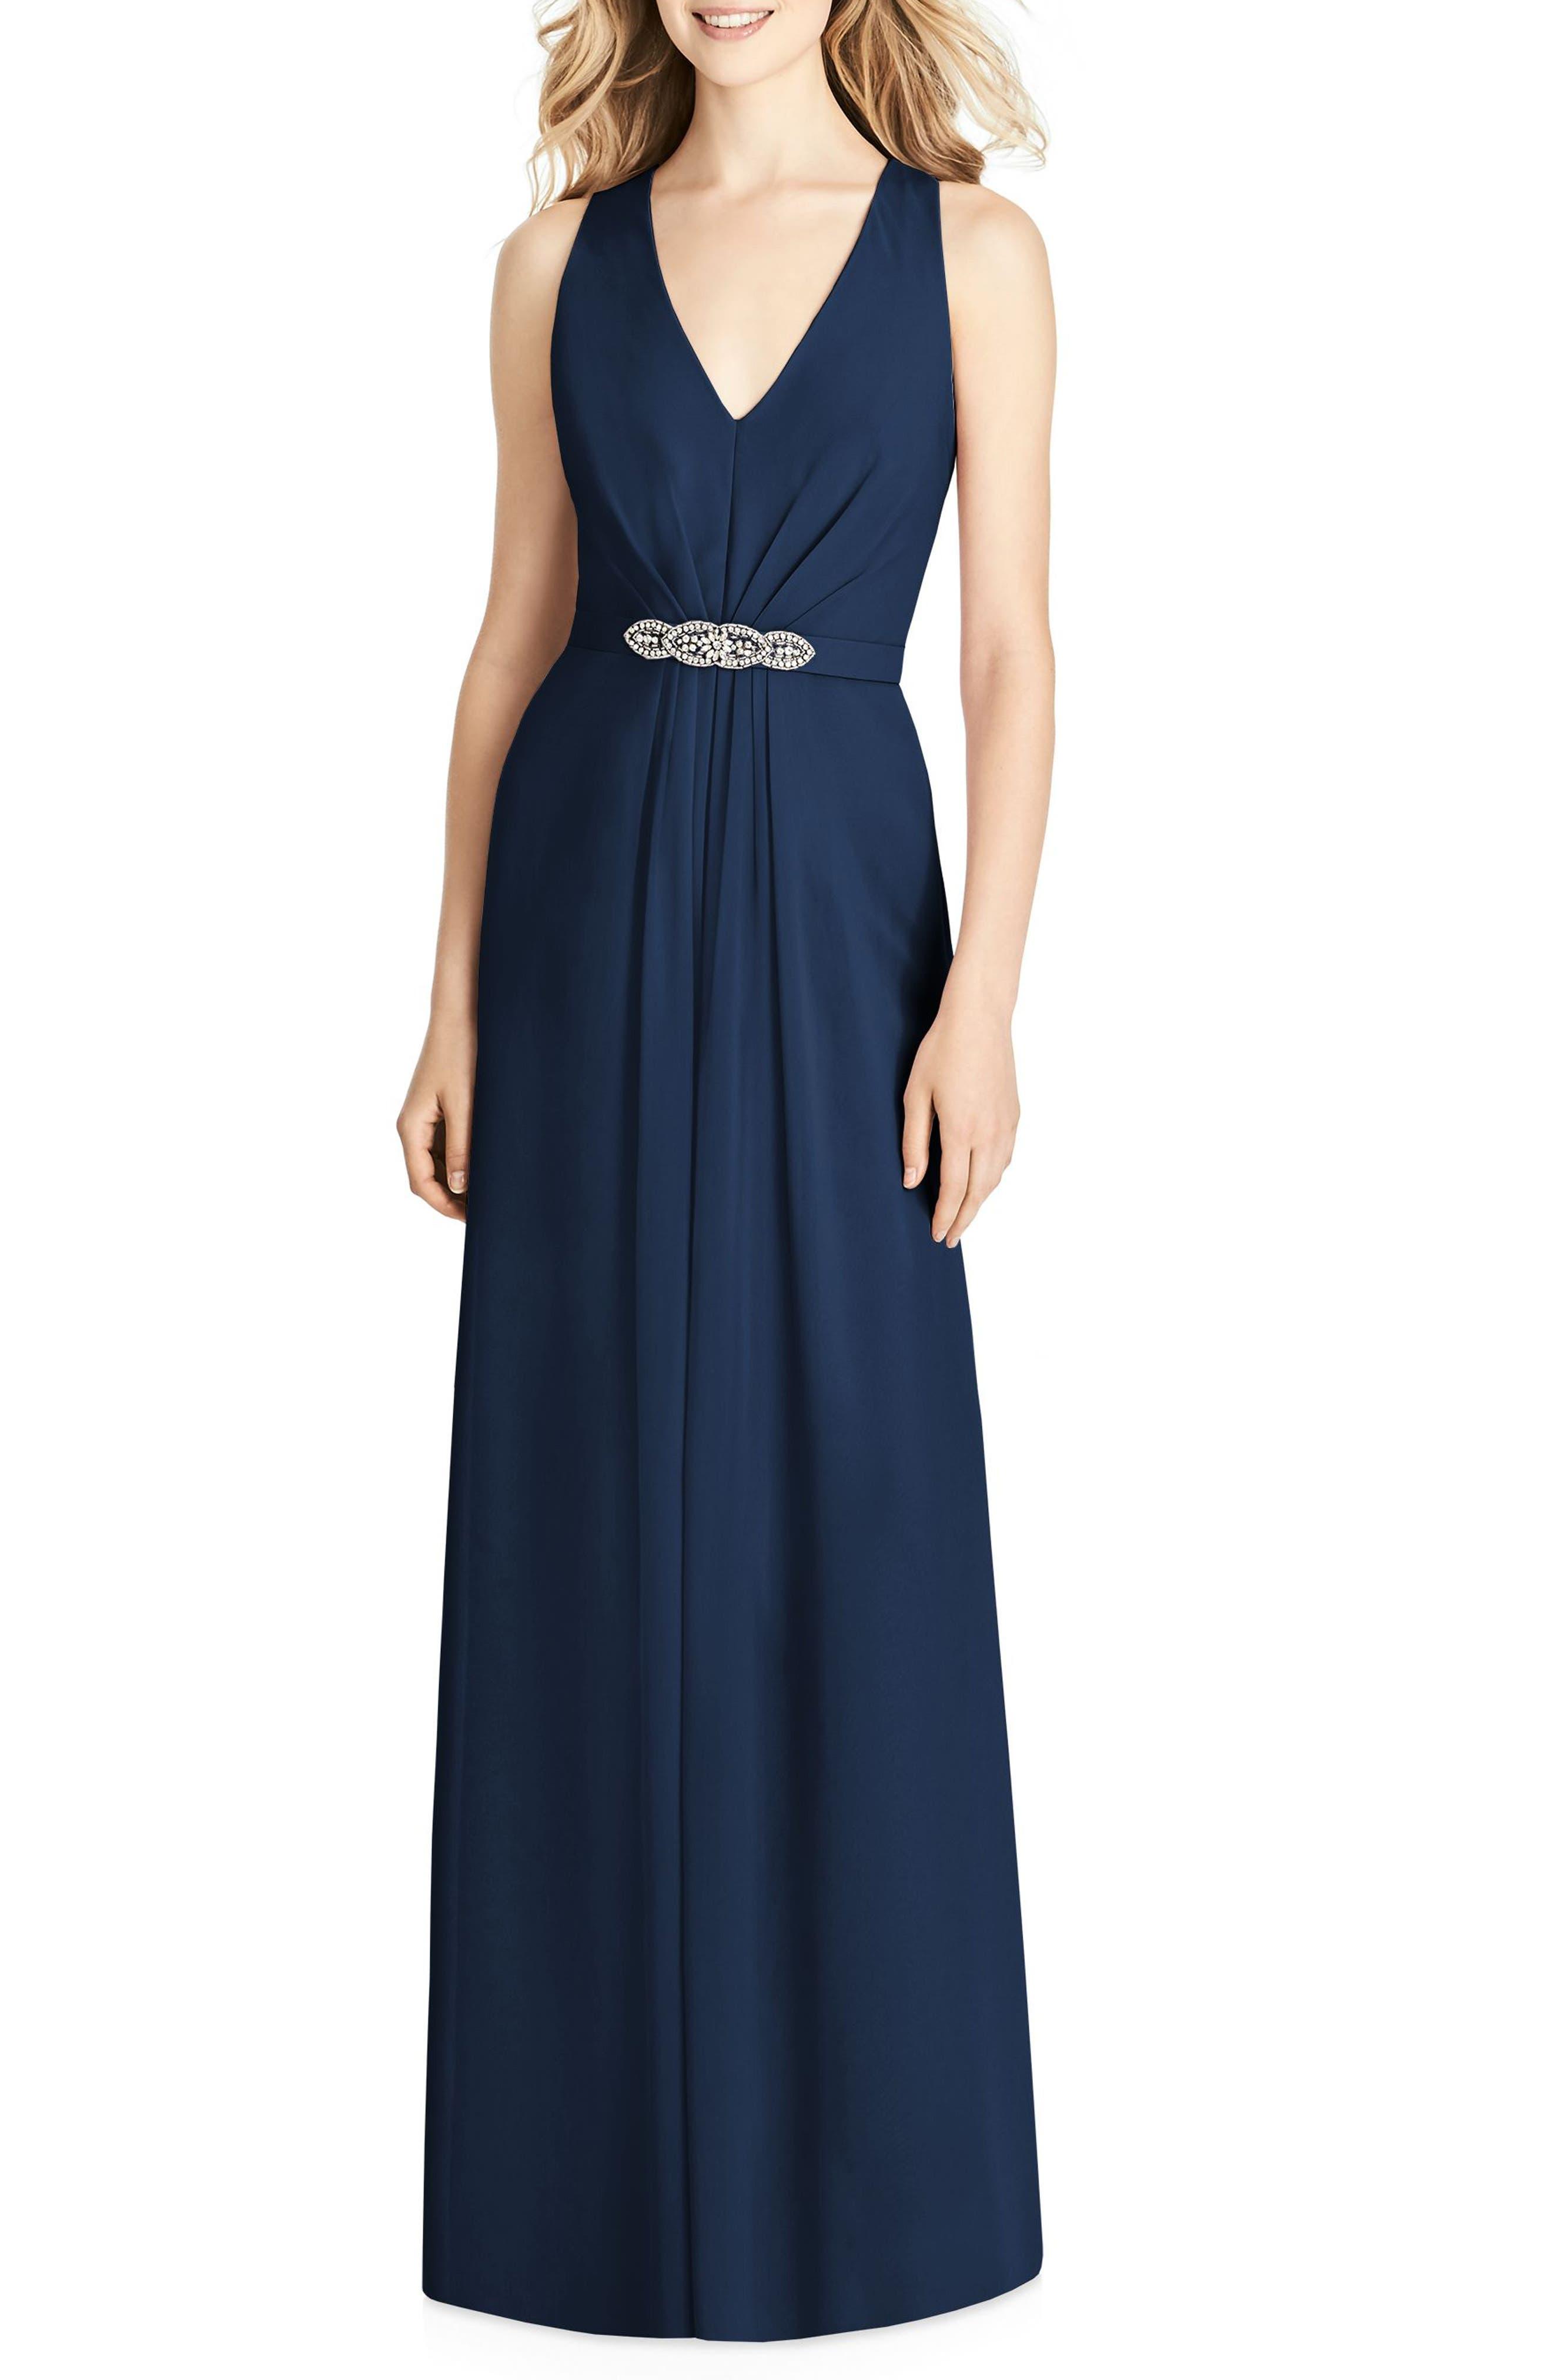 Jenny Packham Jewel Belt Chiffon Gown, Blue